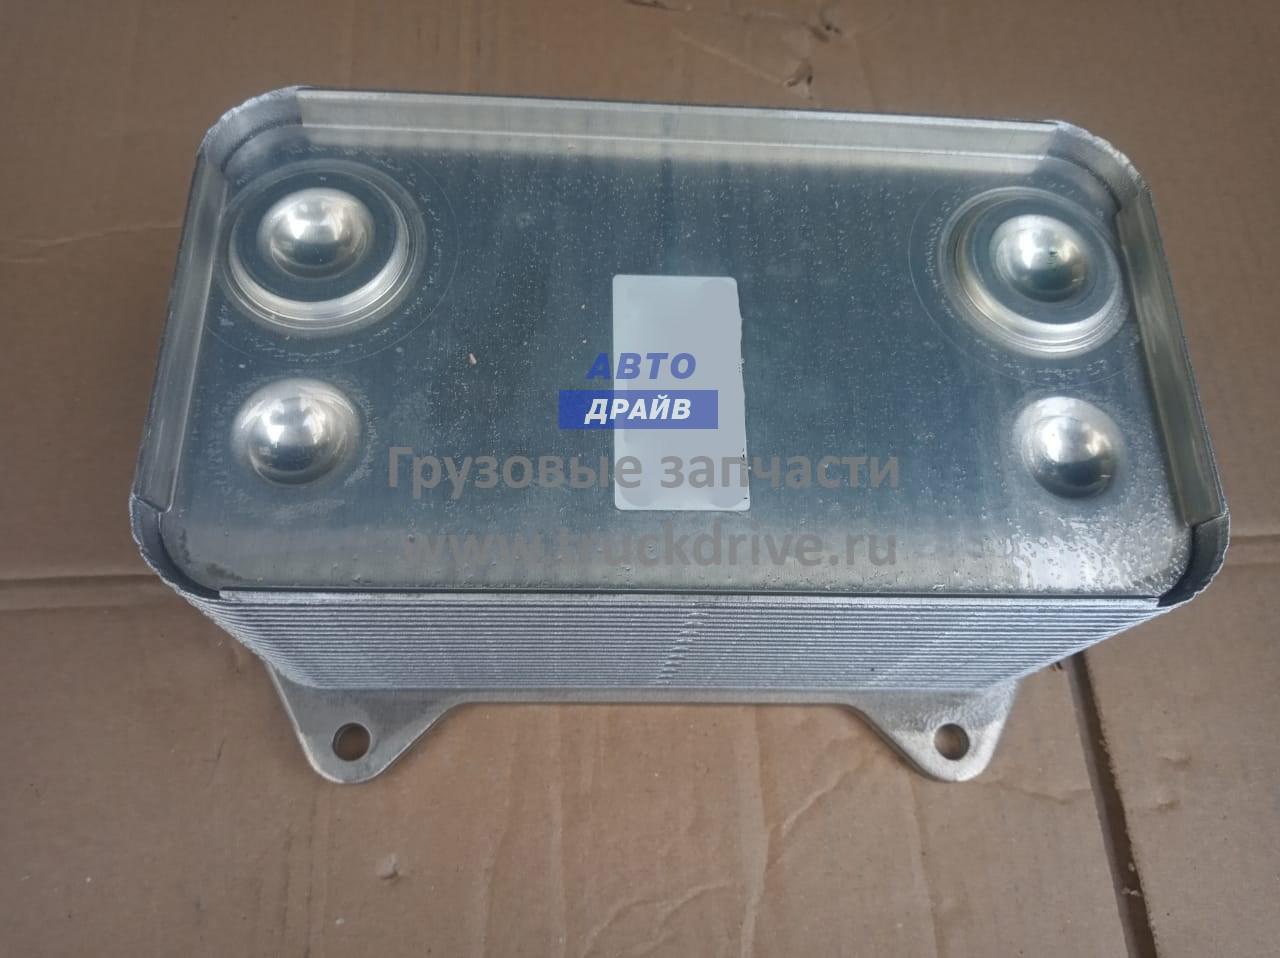 Daf 95 теплообменник Паяный теплообменник Машимпэкс (GEA) GBH500-DW Липецк